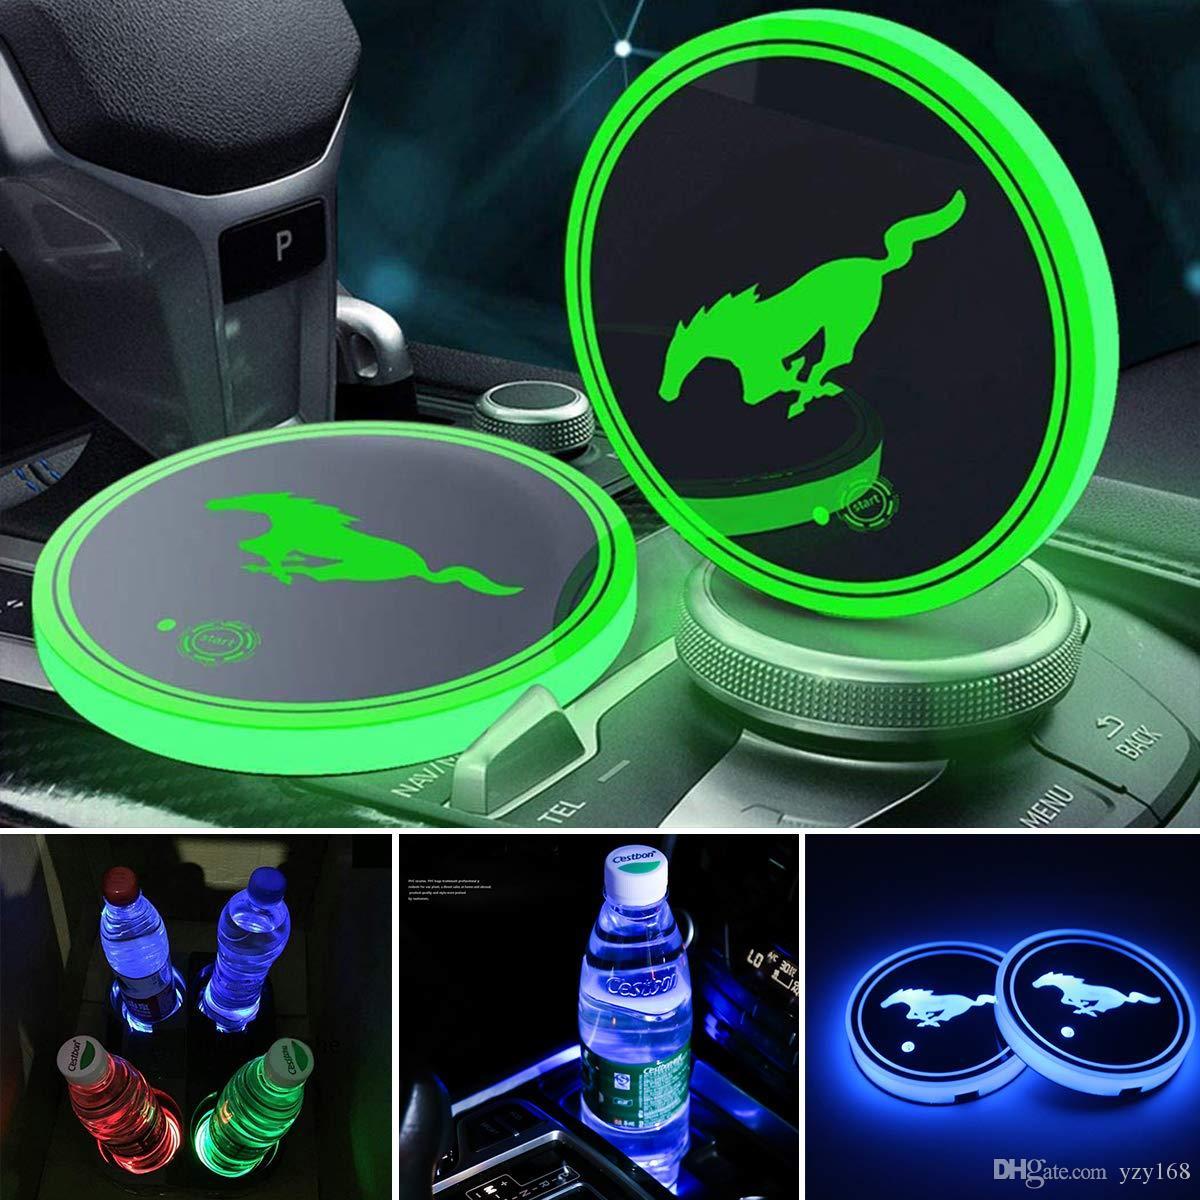 LED كأس أضواء السيارات حامل، 7 ألوان تغيير USB شحن حصيرة الفلورسنت كأس الوسادة، LED الداخلية الغلاف الجوي مصباح لل2PCS (الفرس-2)